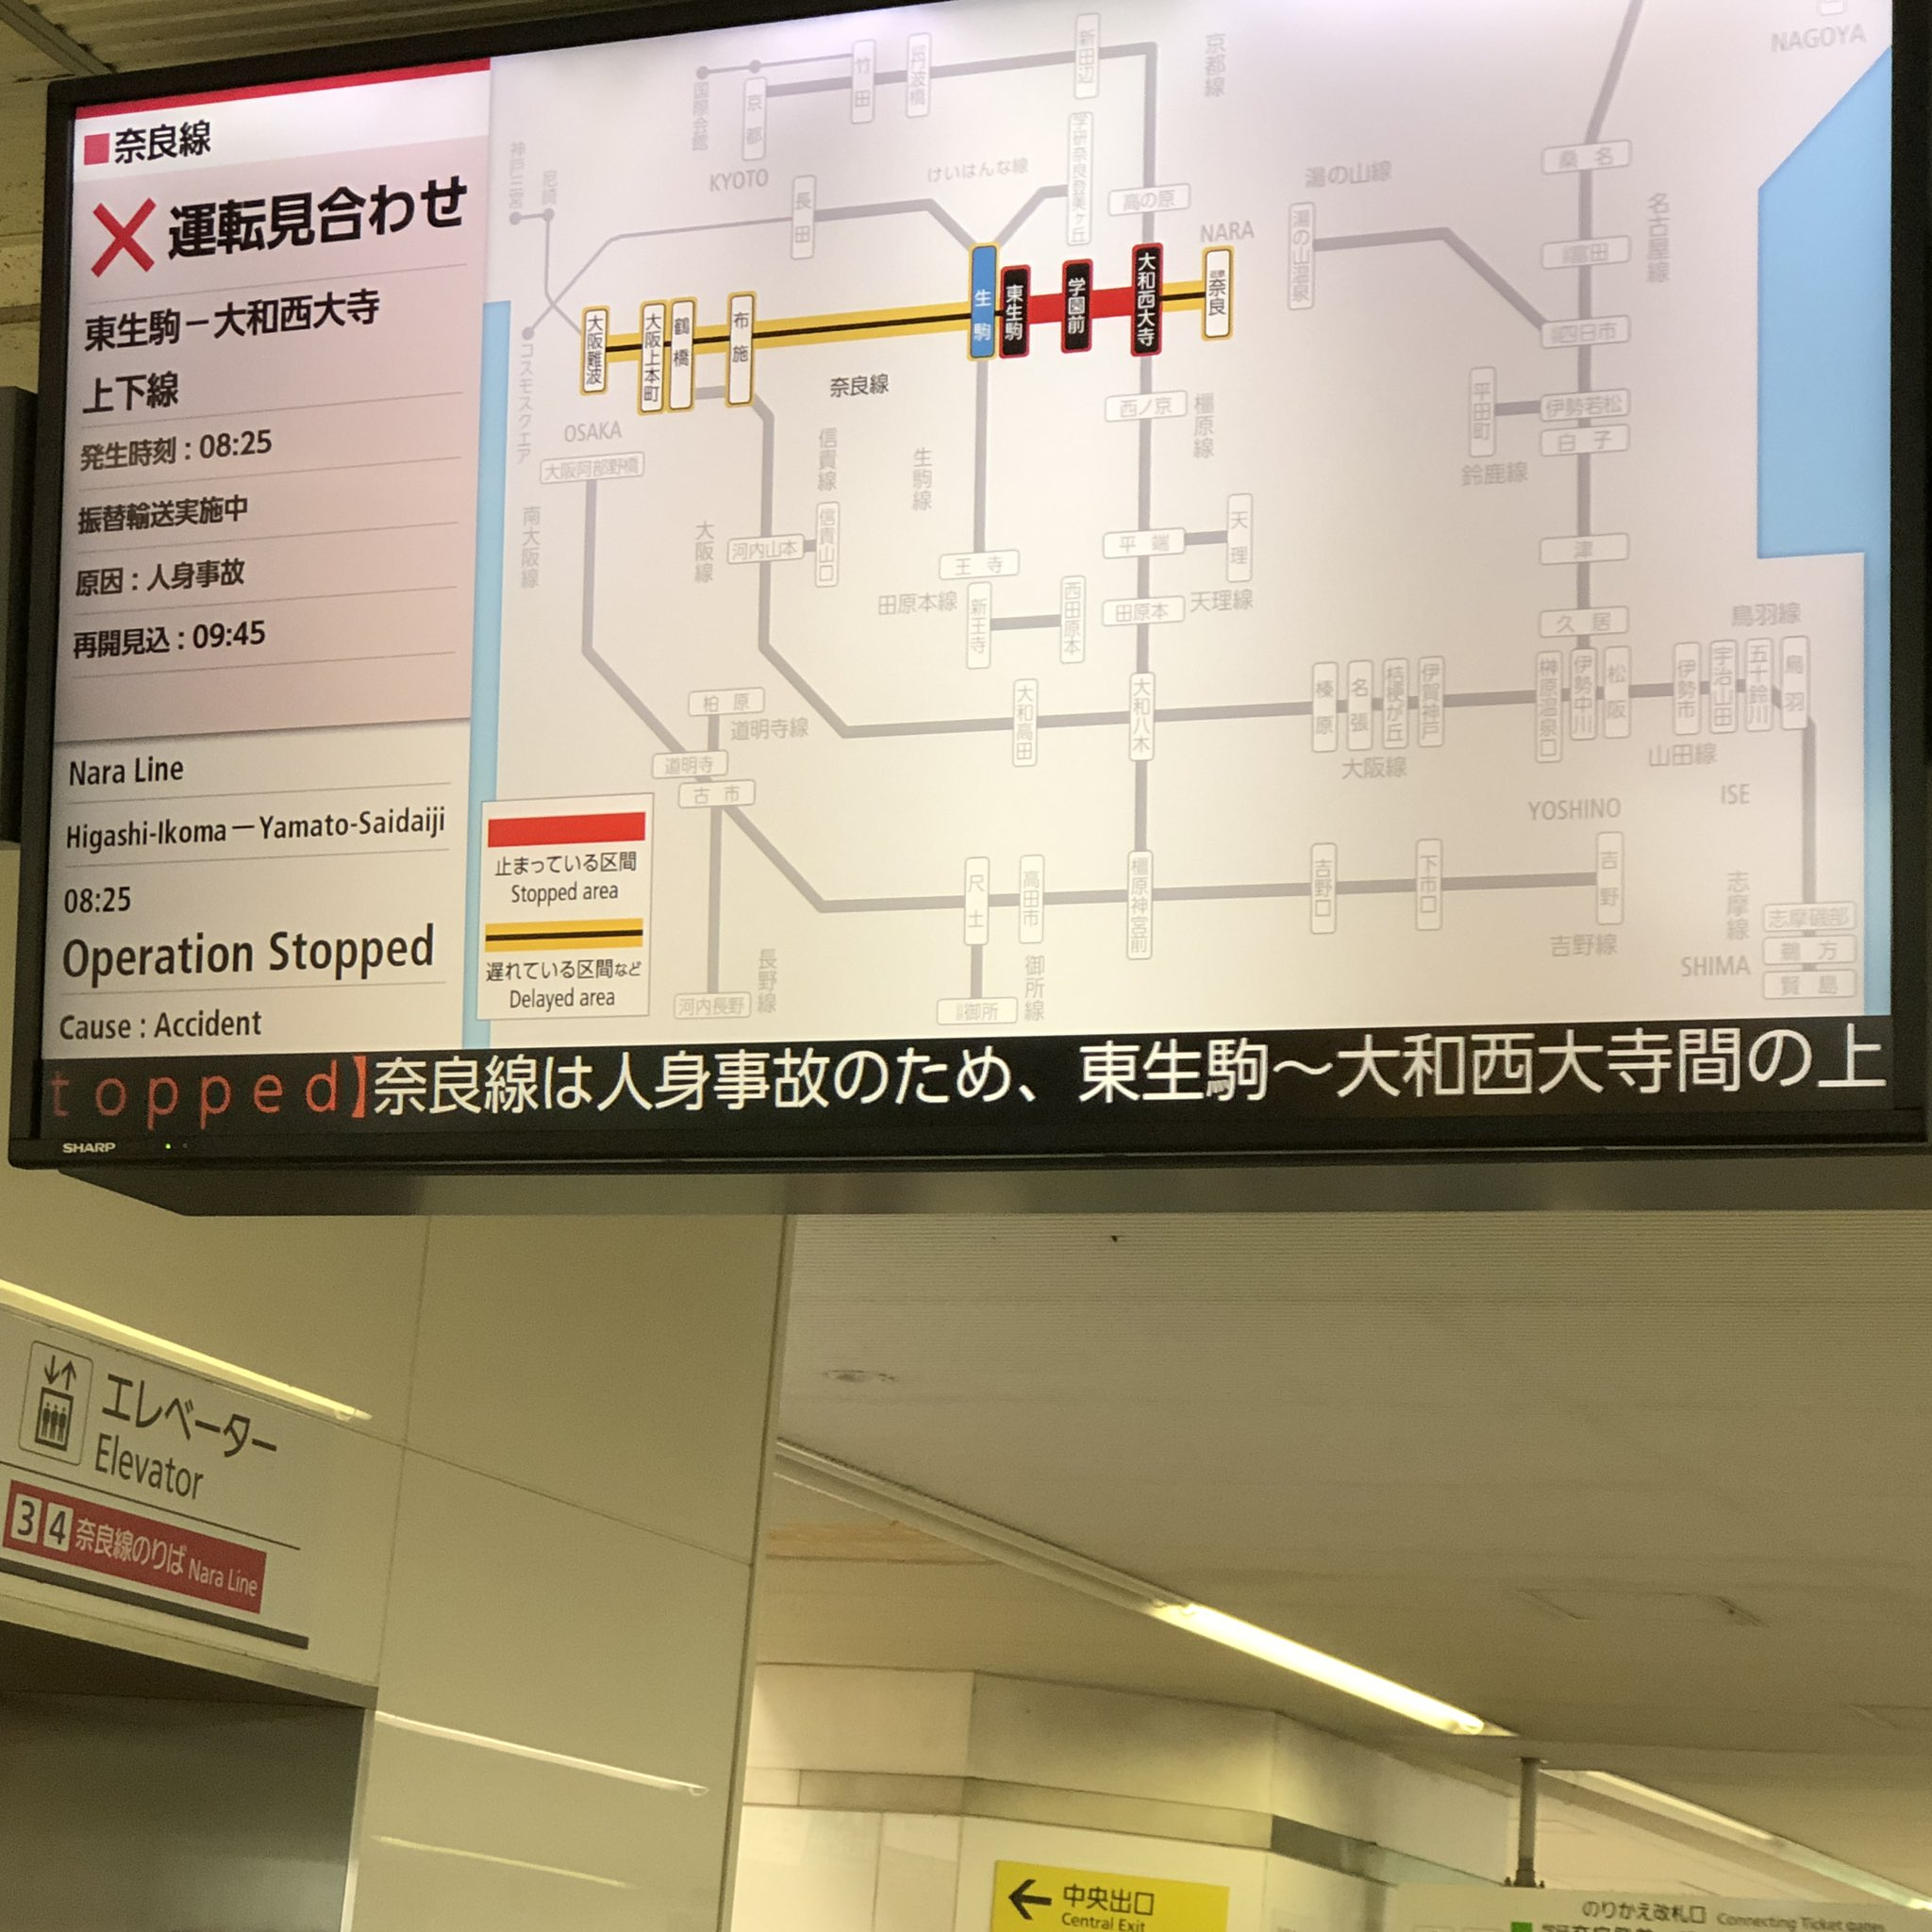 画像,おう。。。。駅構内暑いっす。#富雄駅 #人身事故 https://t.co/7ILpOV42mz。